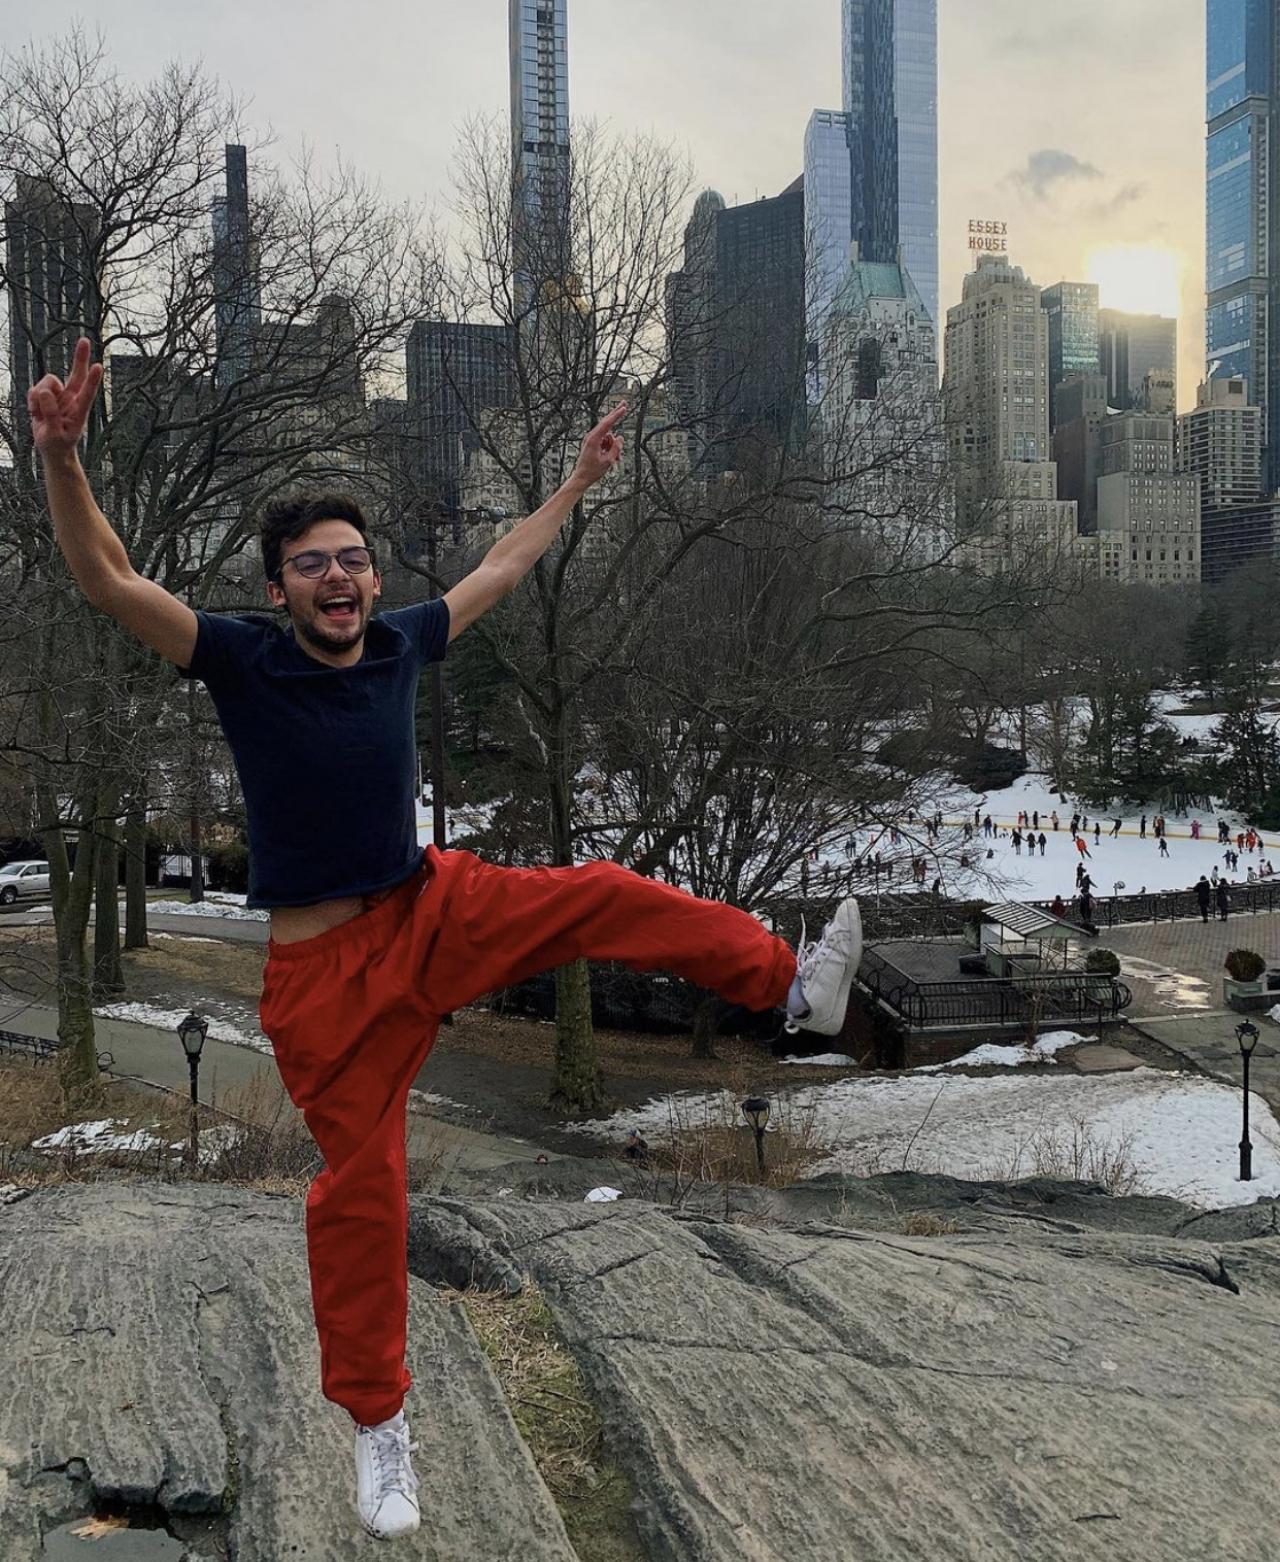 Daniel Londoño, 'Itslondi, convierte Tik Tok en un lugar seguro para la comunidad LGBT